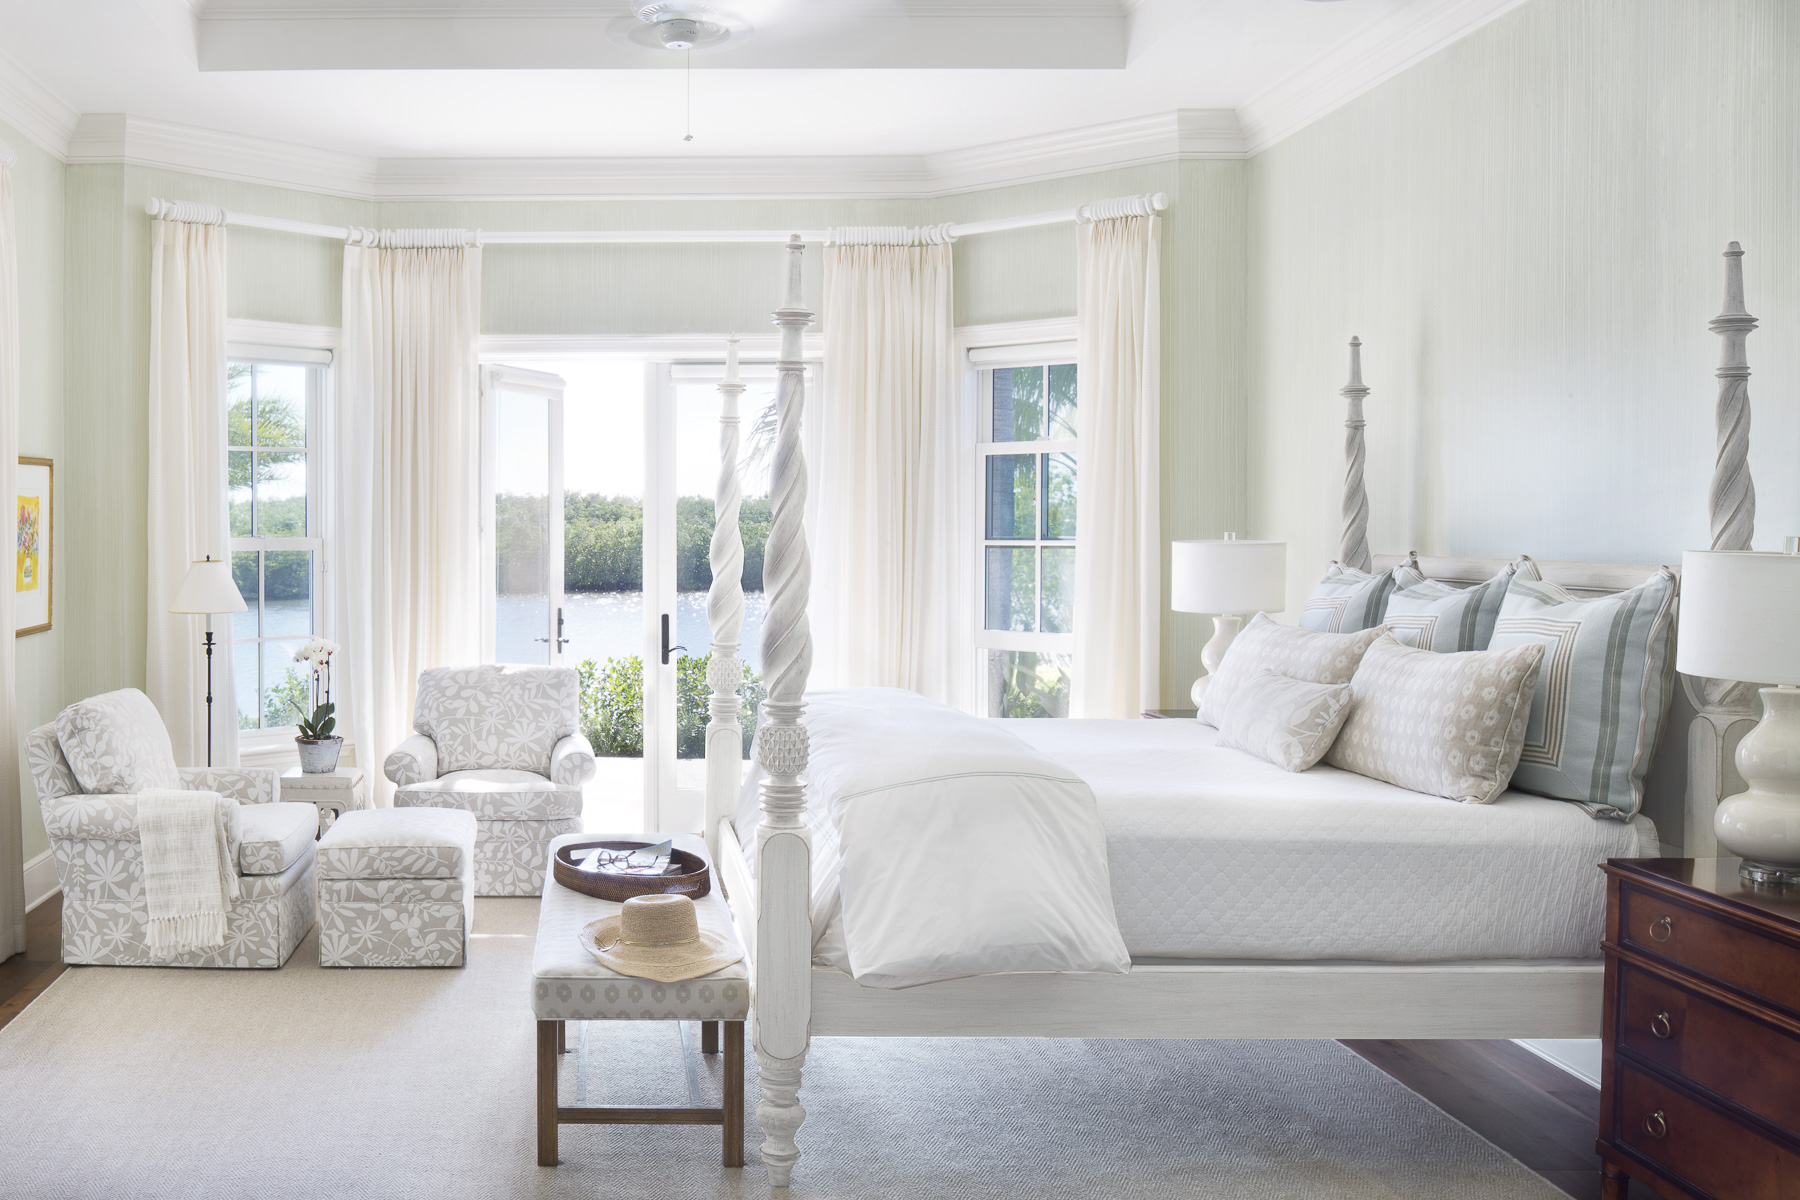 Interior design by Jill Shevlin Design